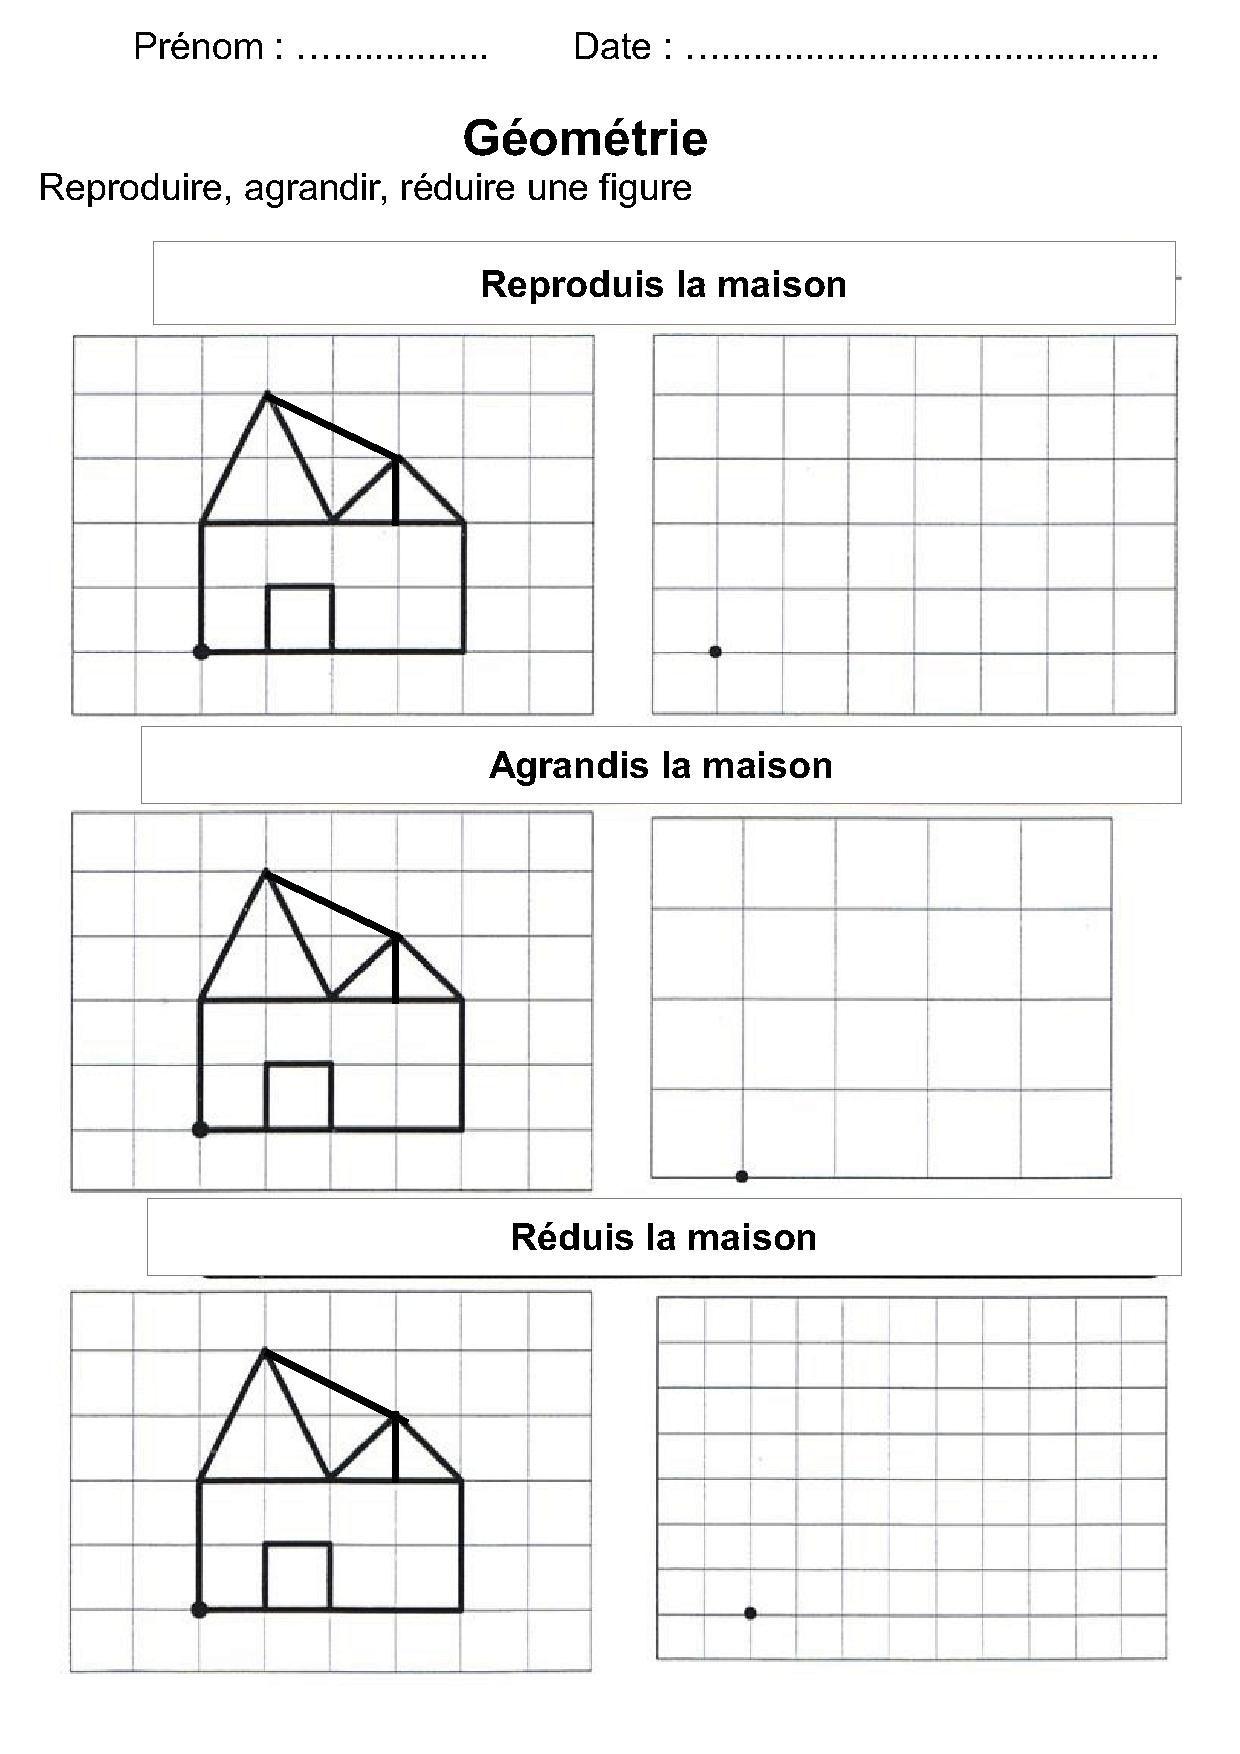 Géométrie Ce1,ce2,la Symétrie,reproduire Une Figure dedans Dessin Géométrique Ce2